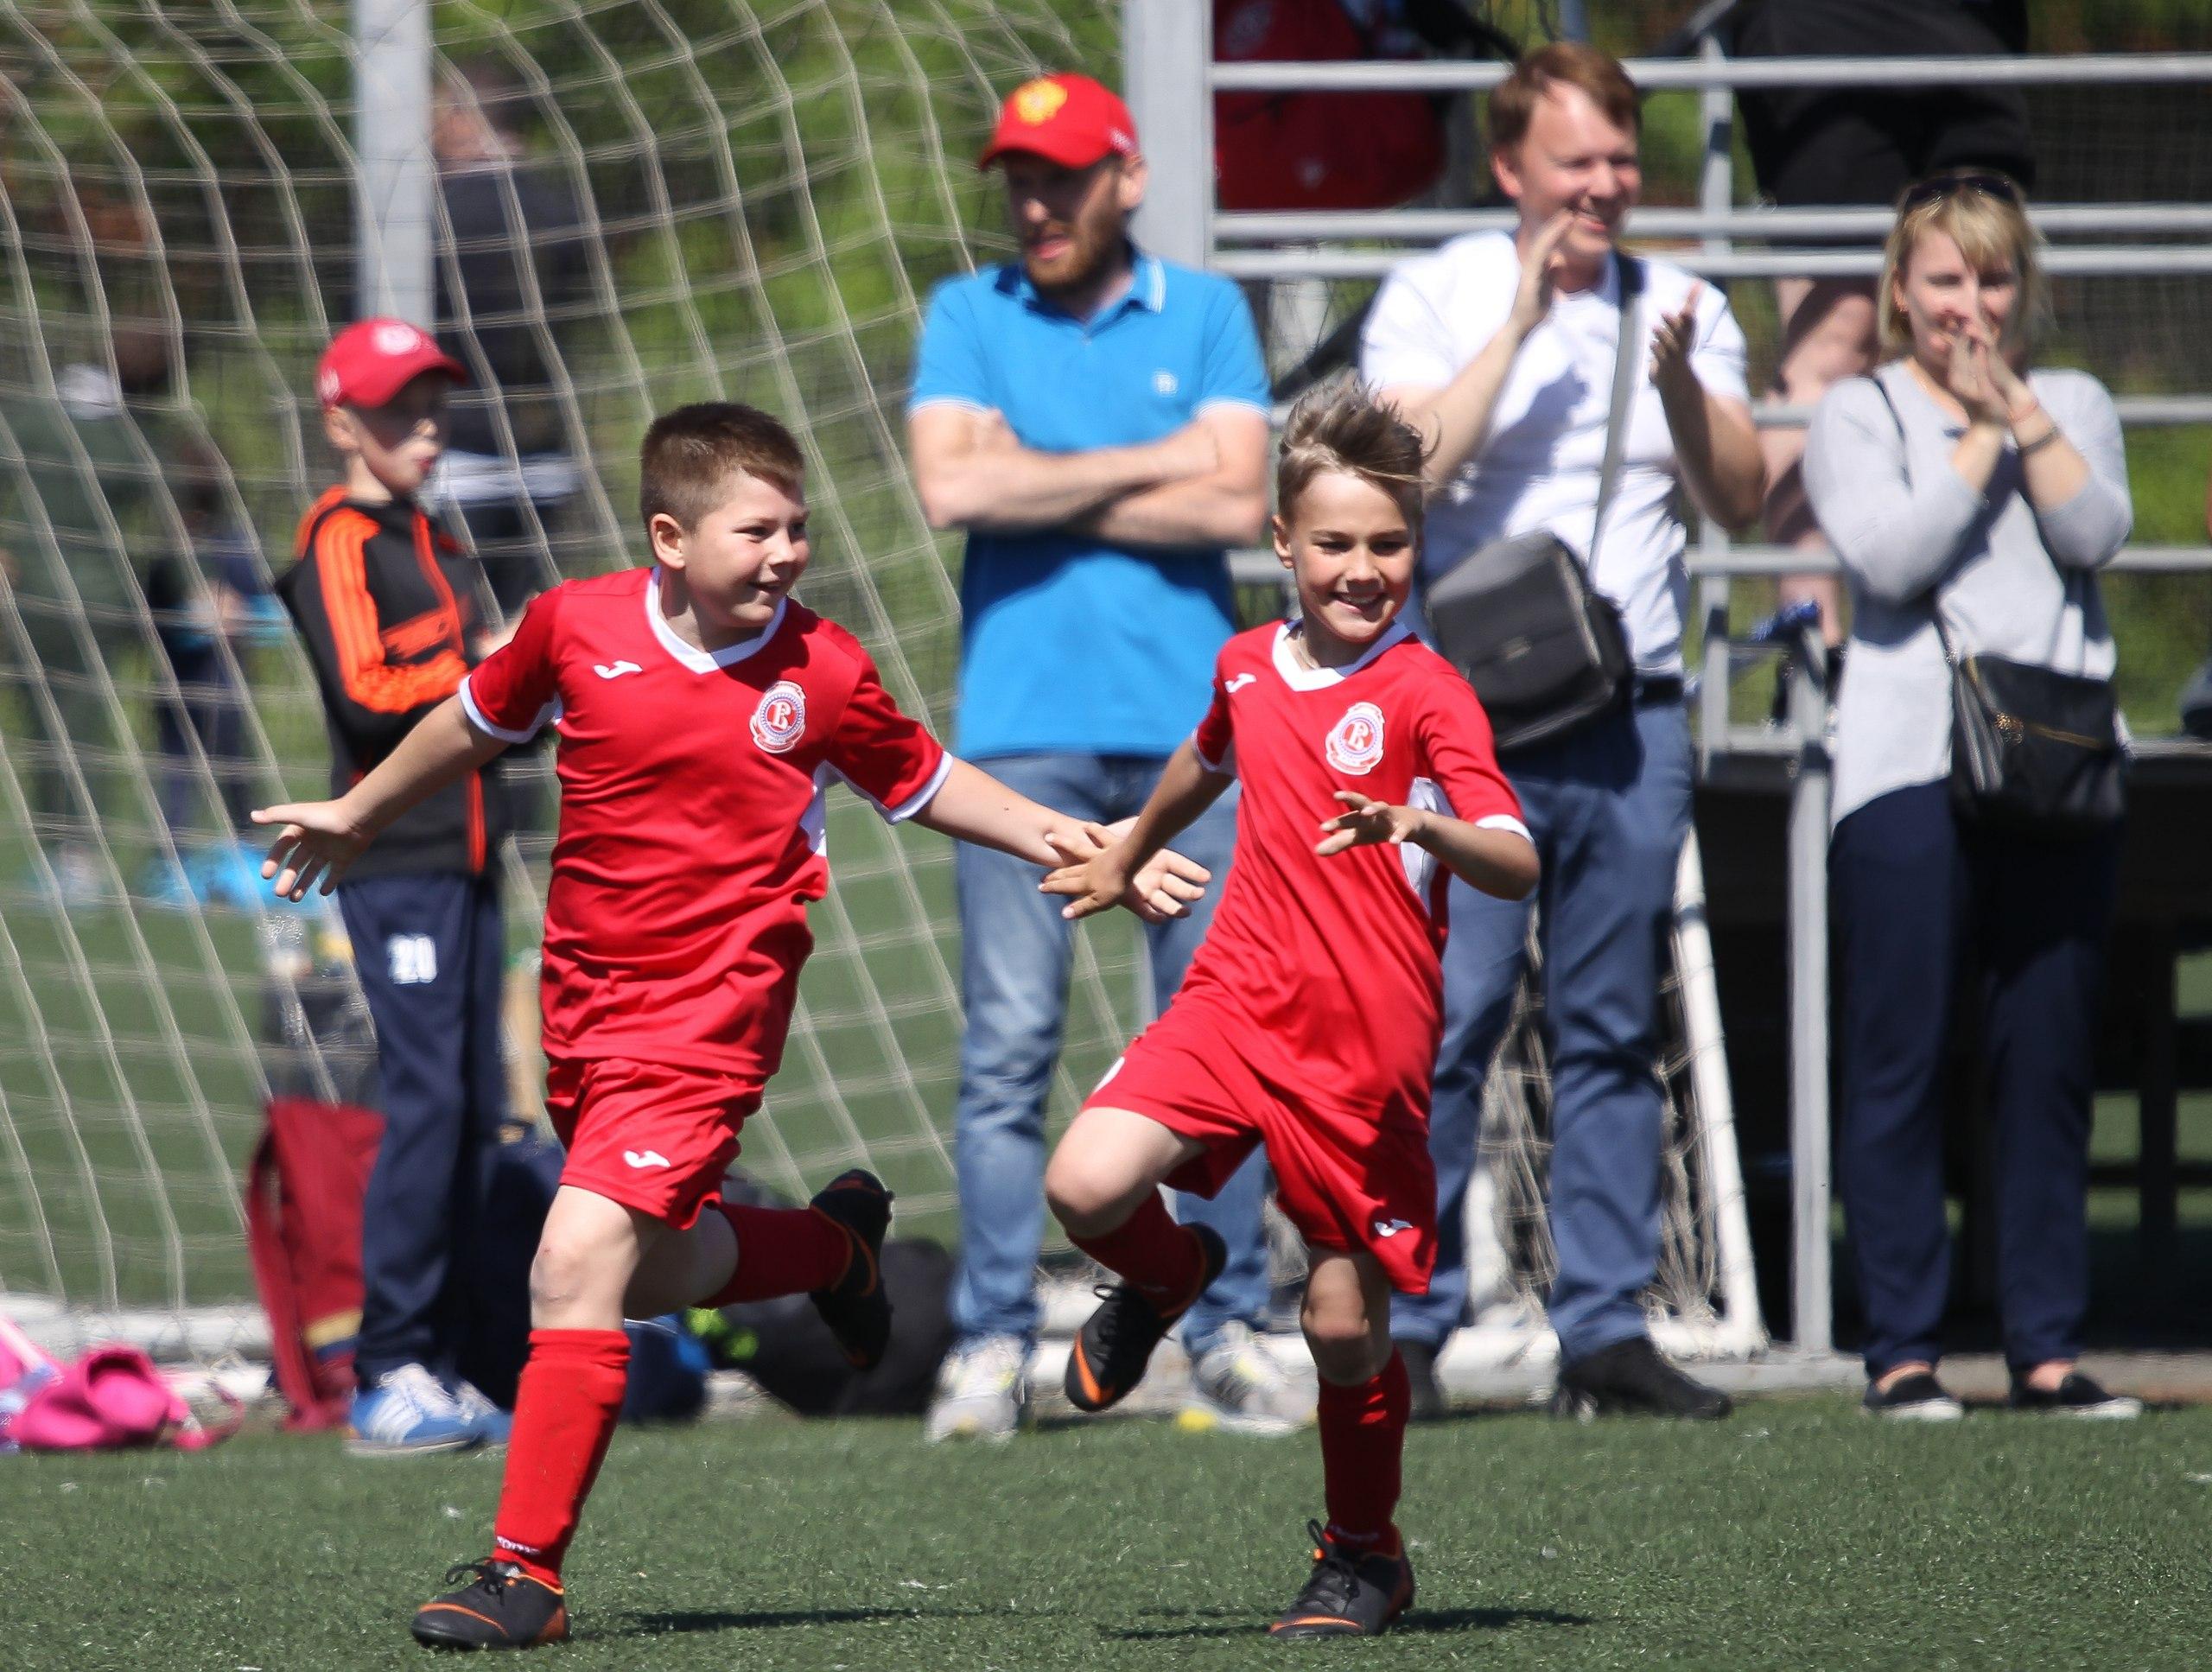 Футбольная школа «Витязь» открывает летний сезон